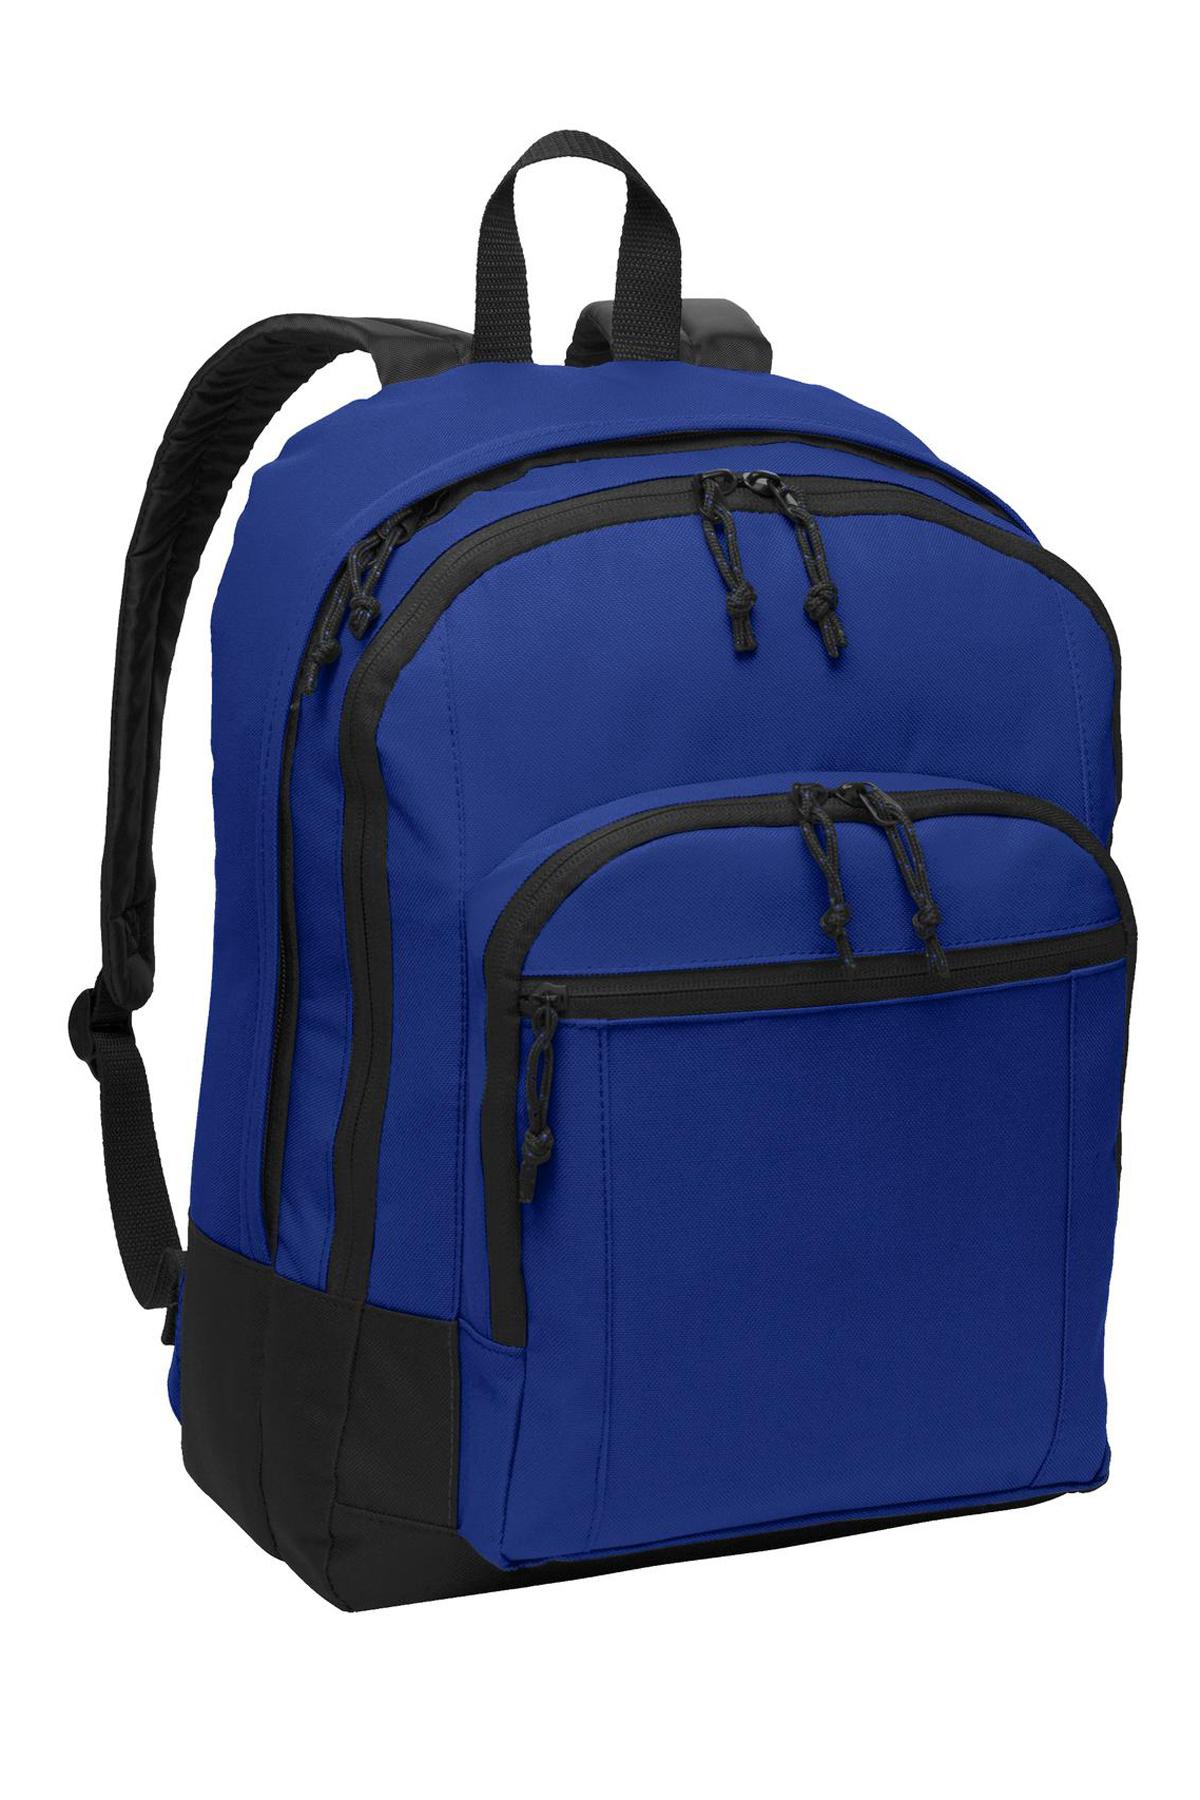 Bags-Backpacks-28